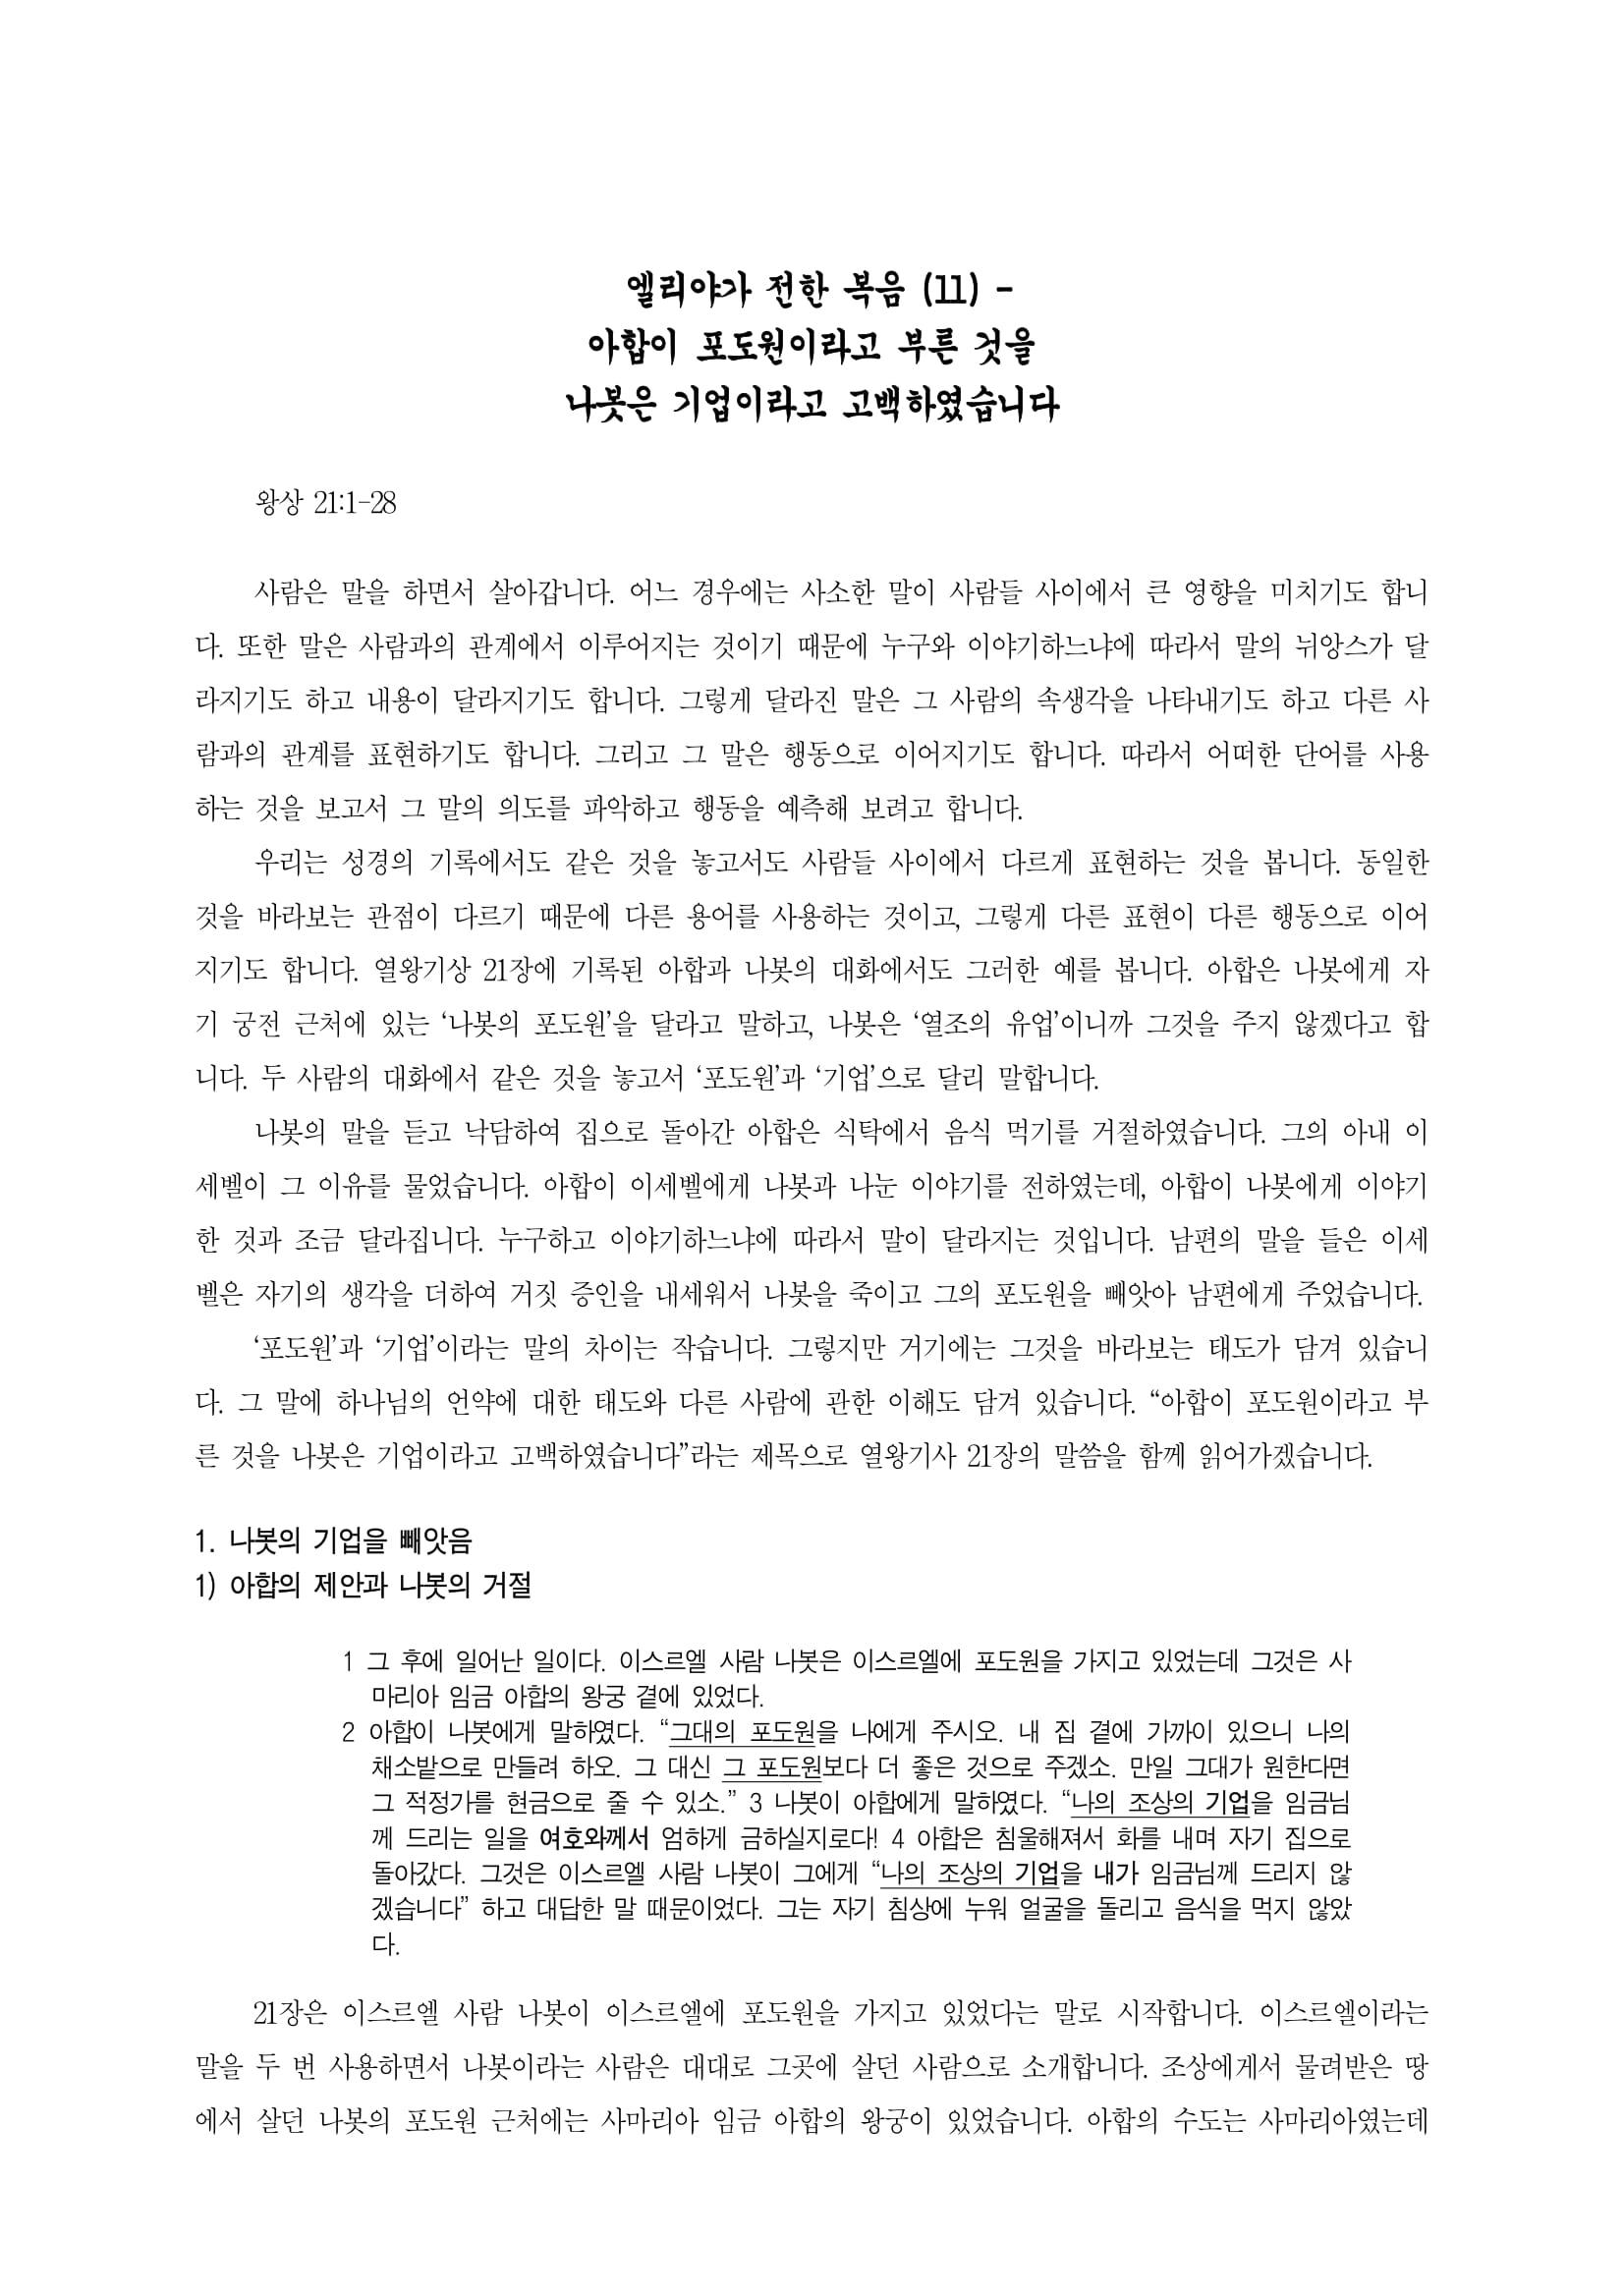 엘리야(11)_나봇의 기업과 아합의 포도원-왕상21장-1.jpg